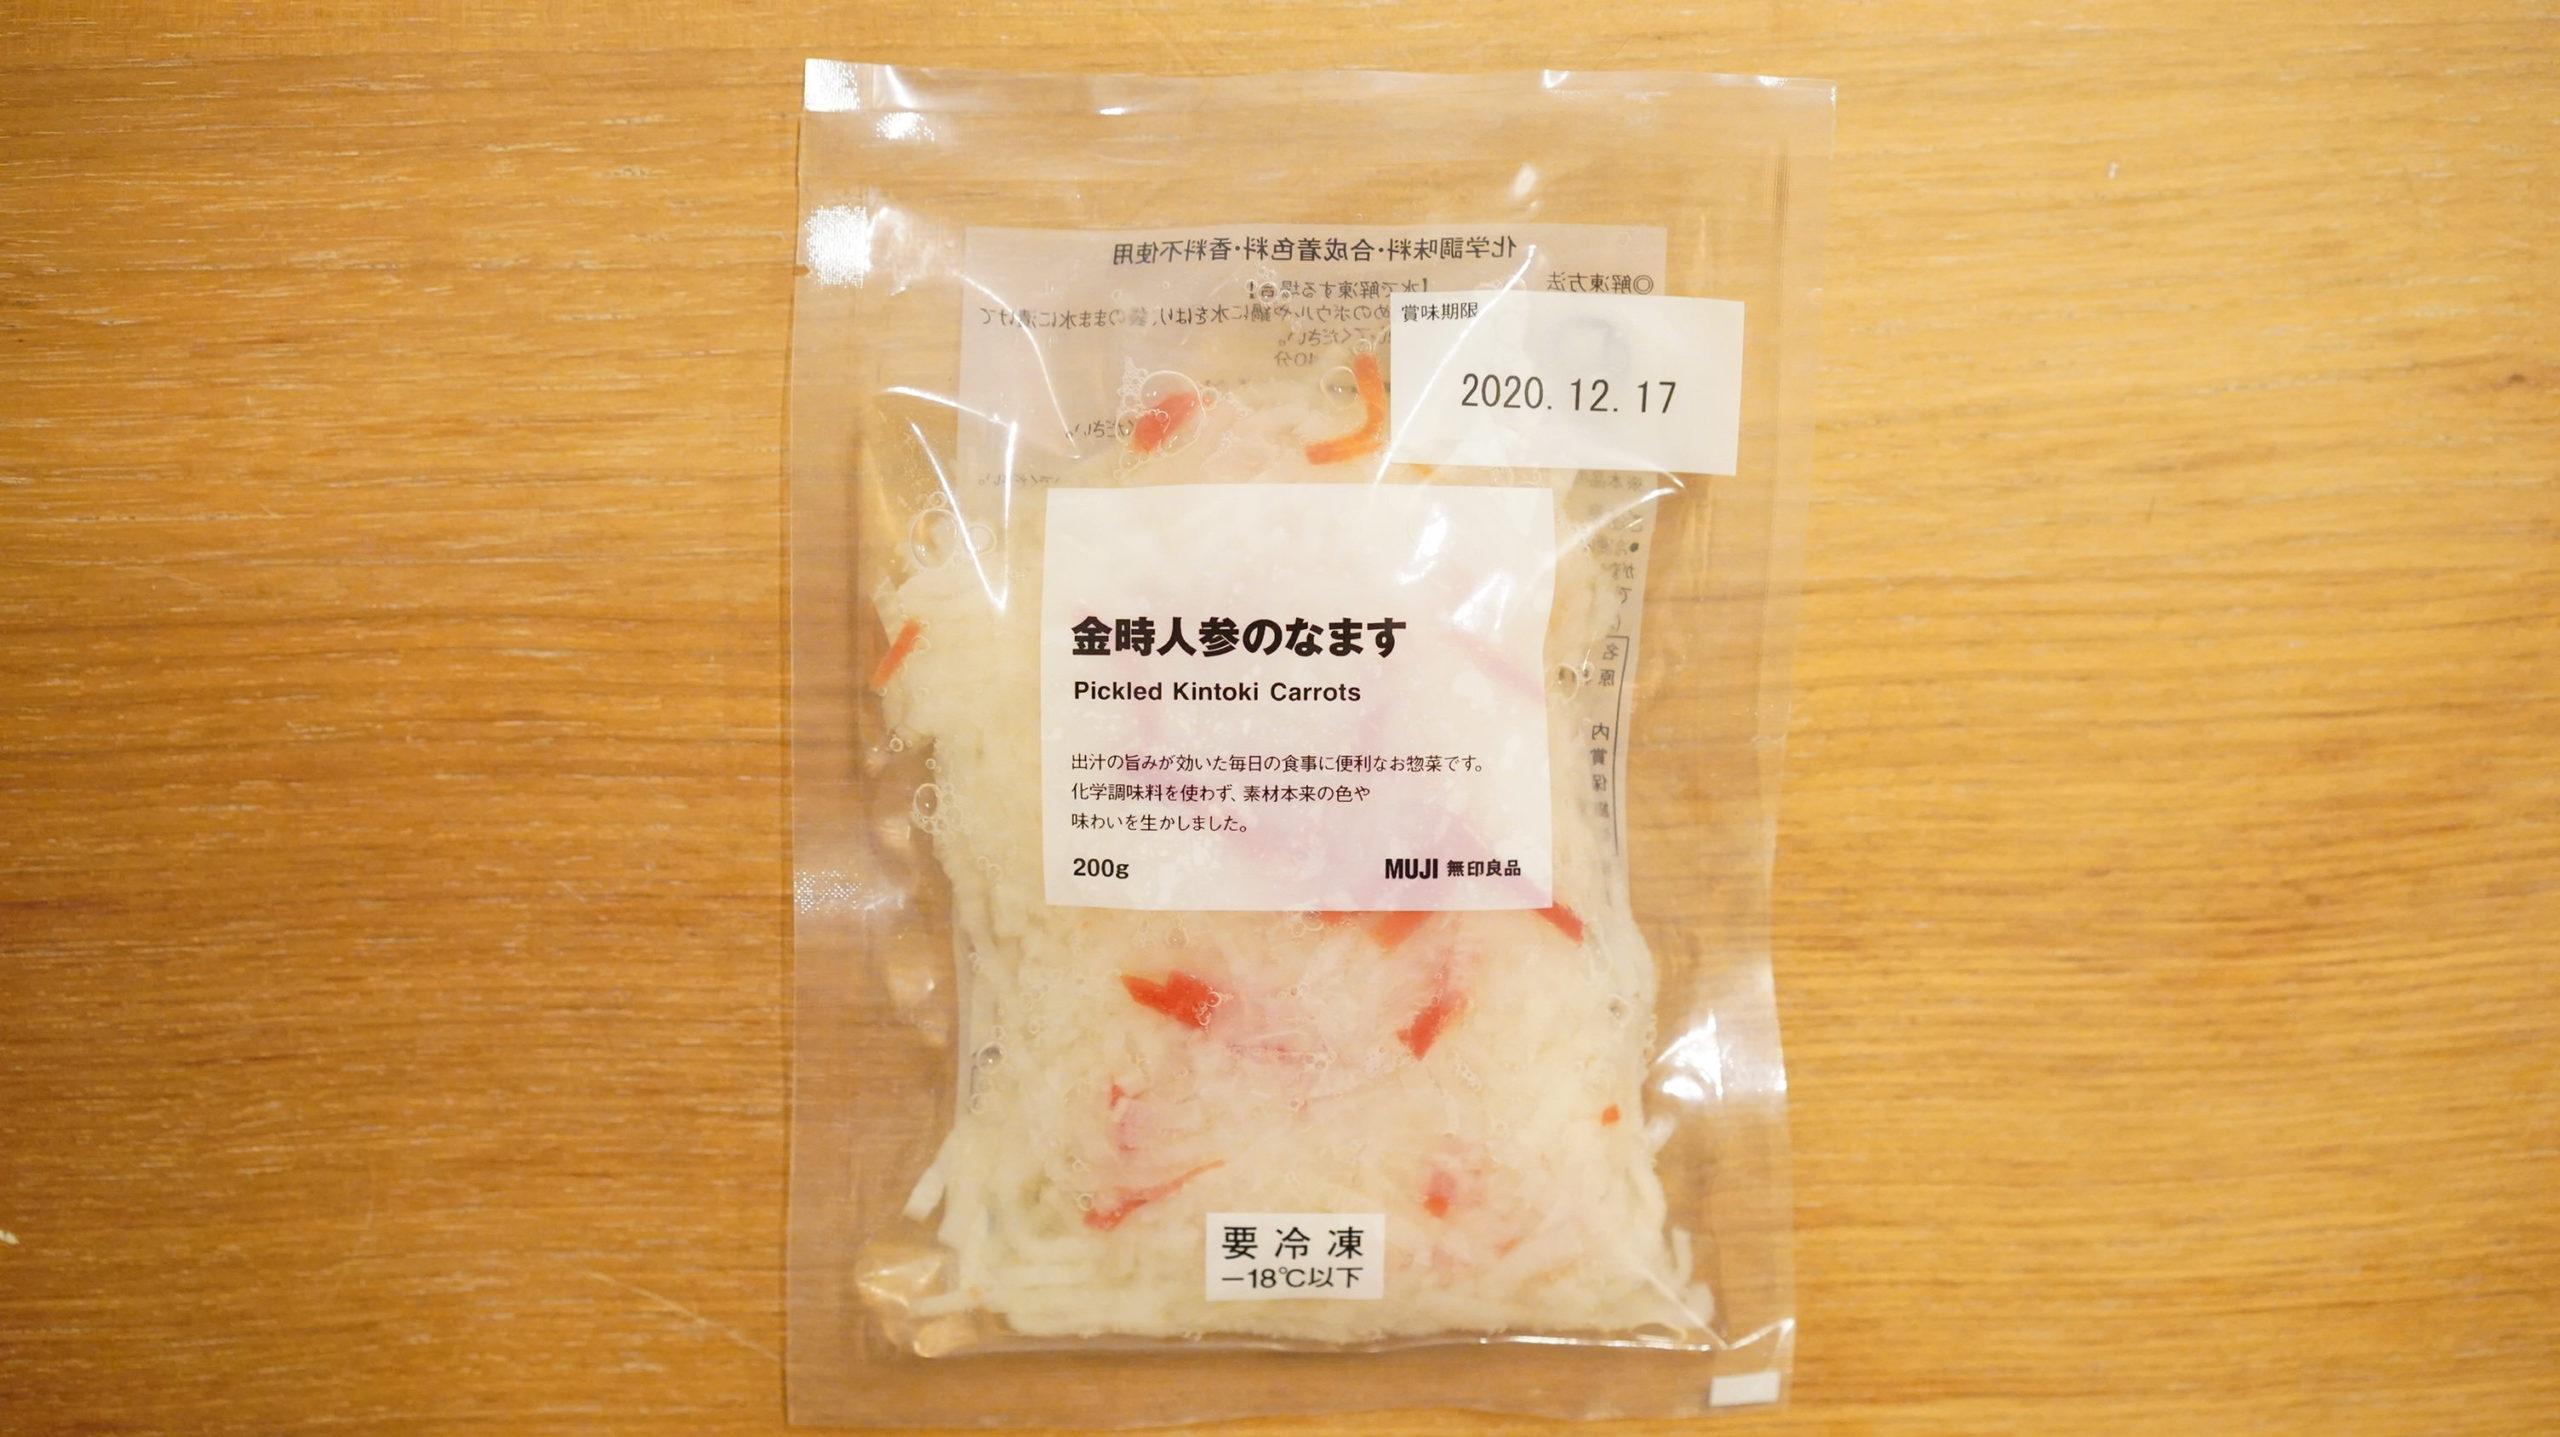 無印良品のおすすめ冷凍食品「金時人参のなます」のパッケージの写真